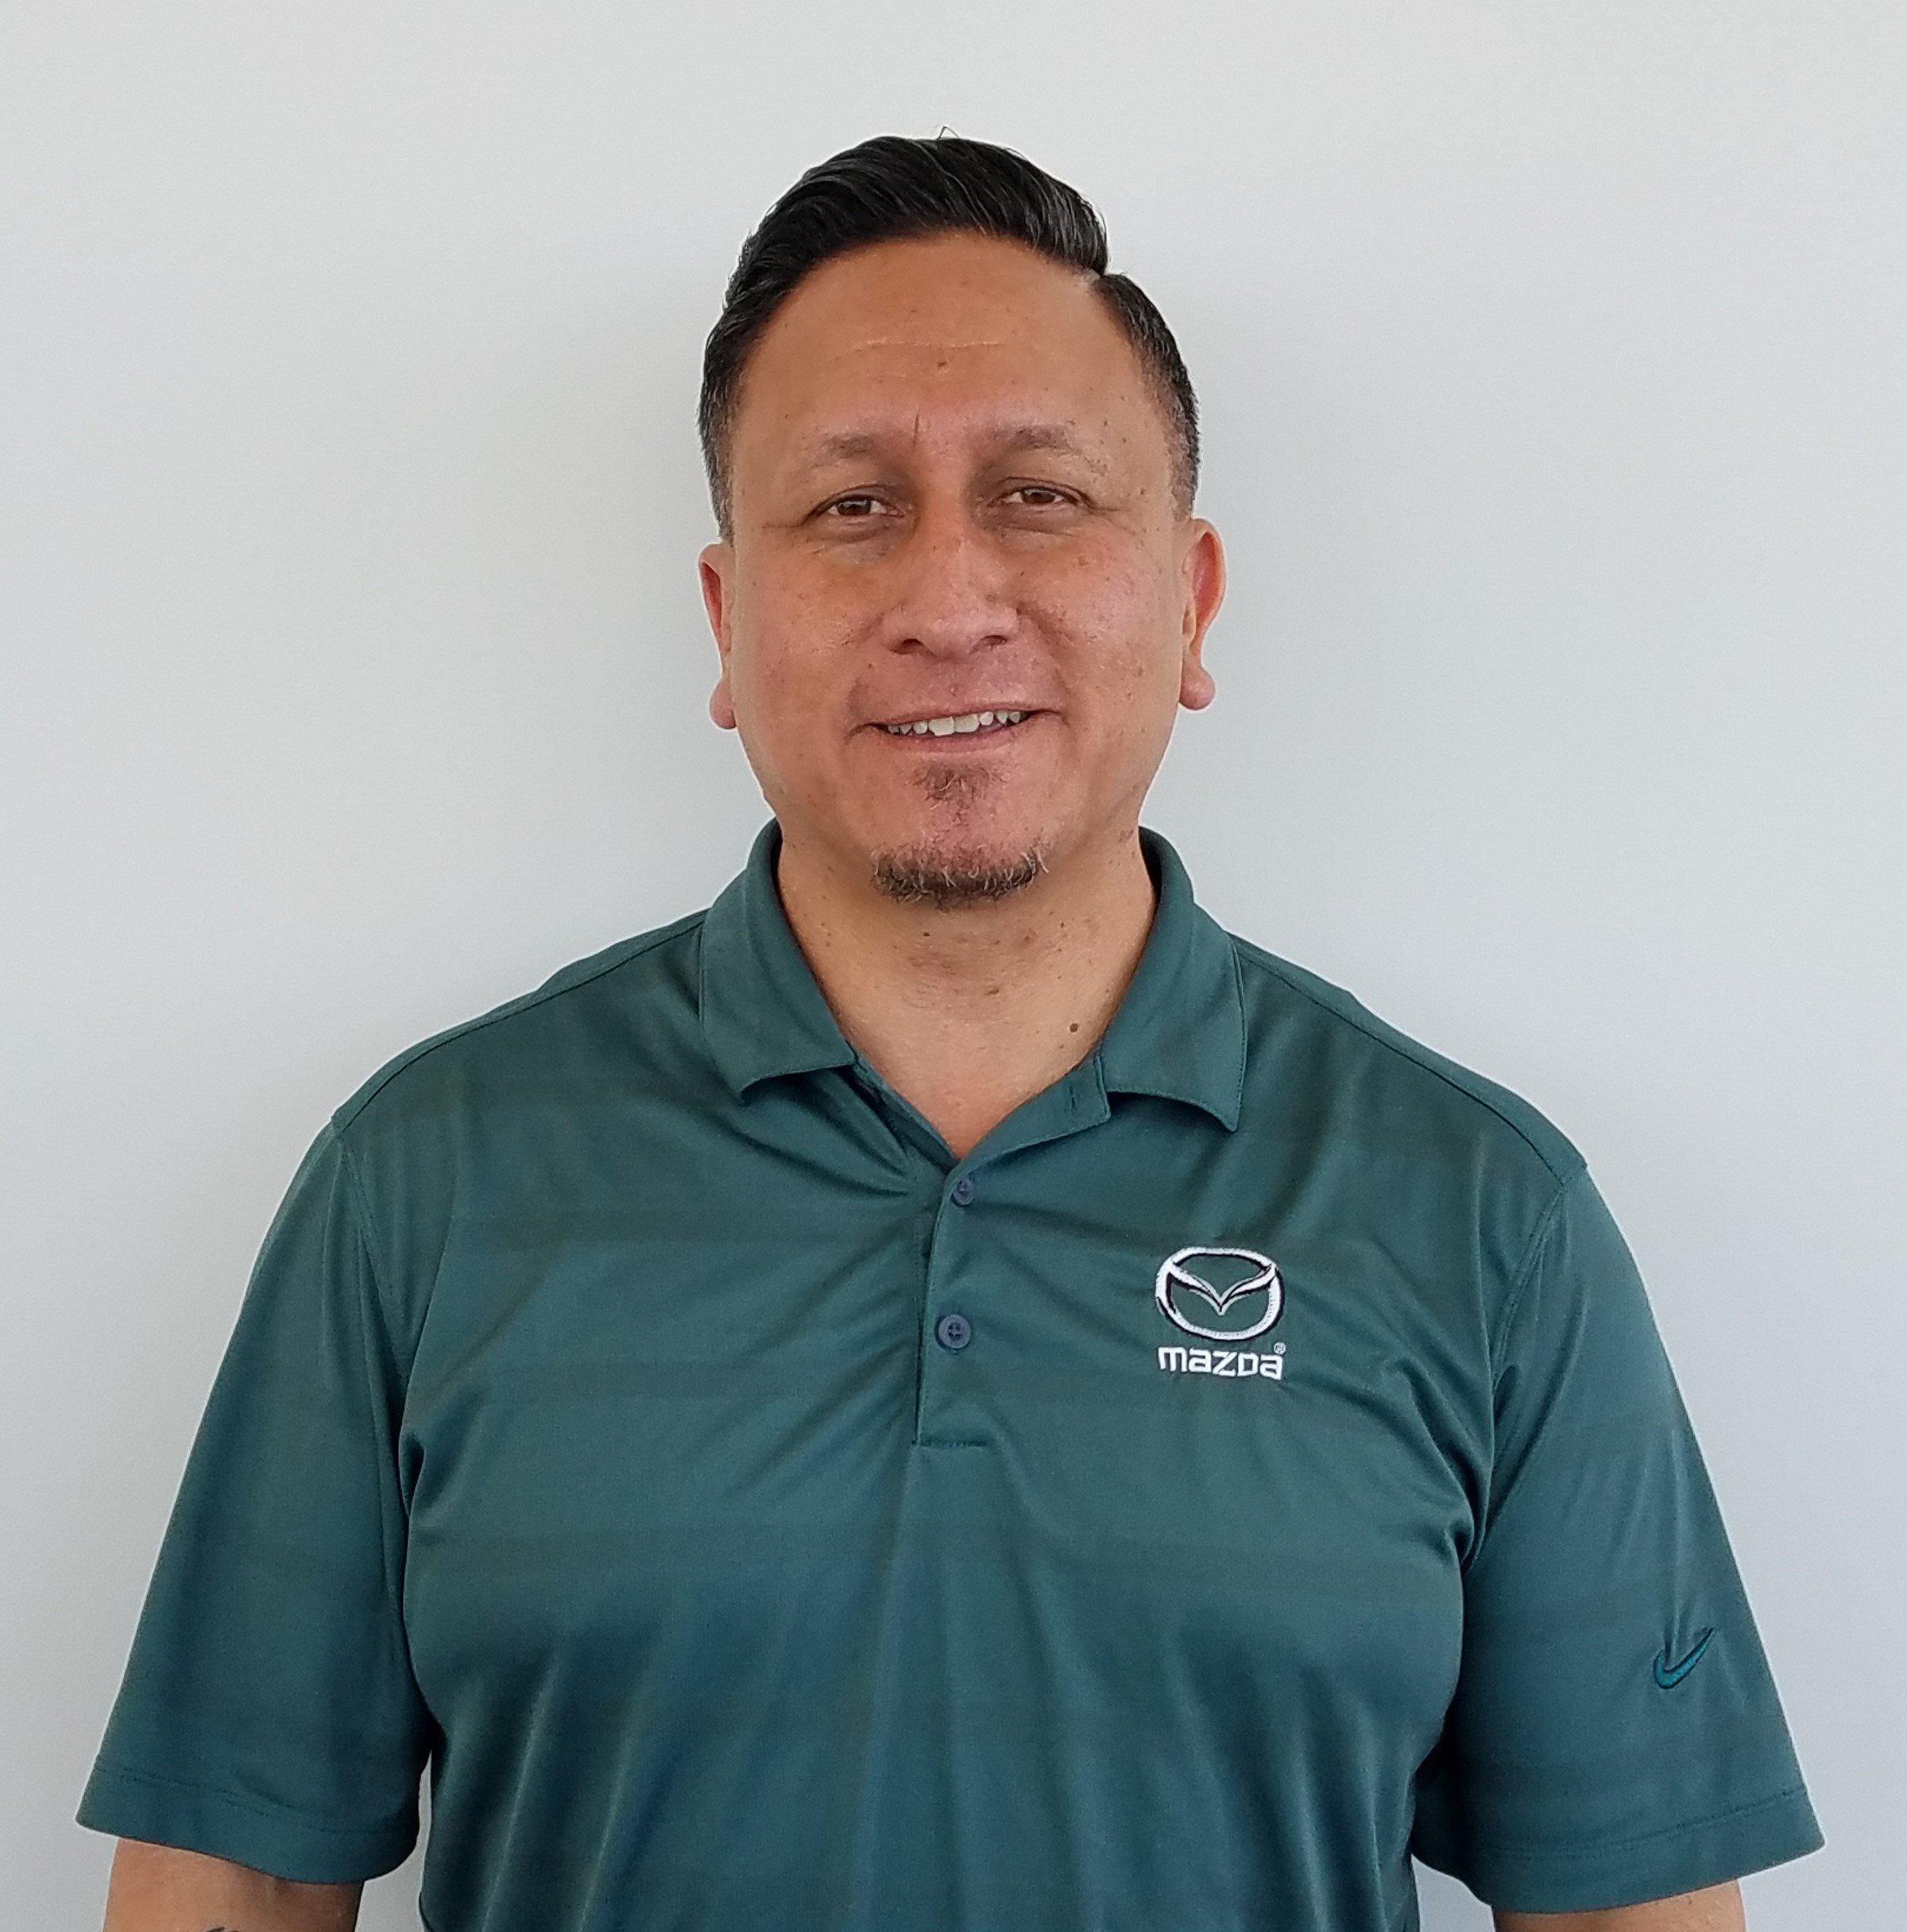 Manny Macias - Internet Manager